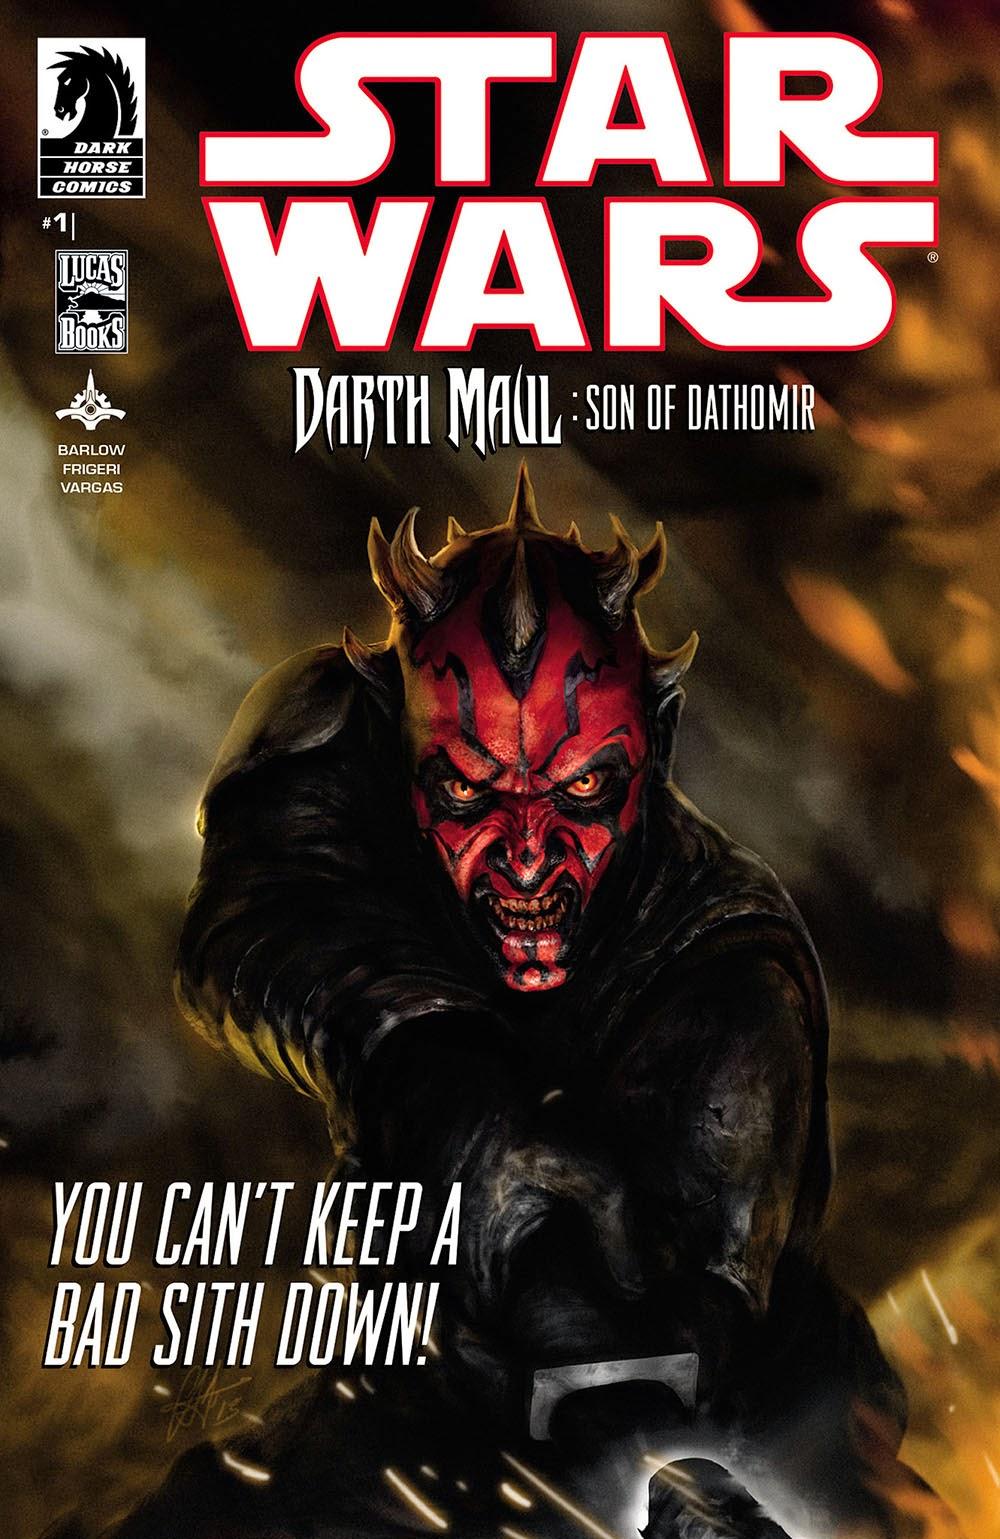 Star Wars Darth Maul Son Of Dathomir Pdf